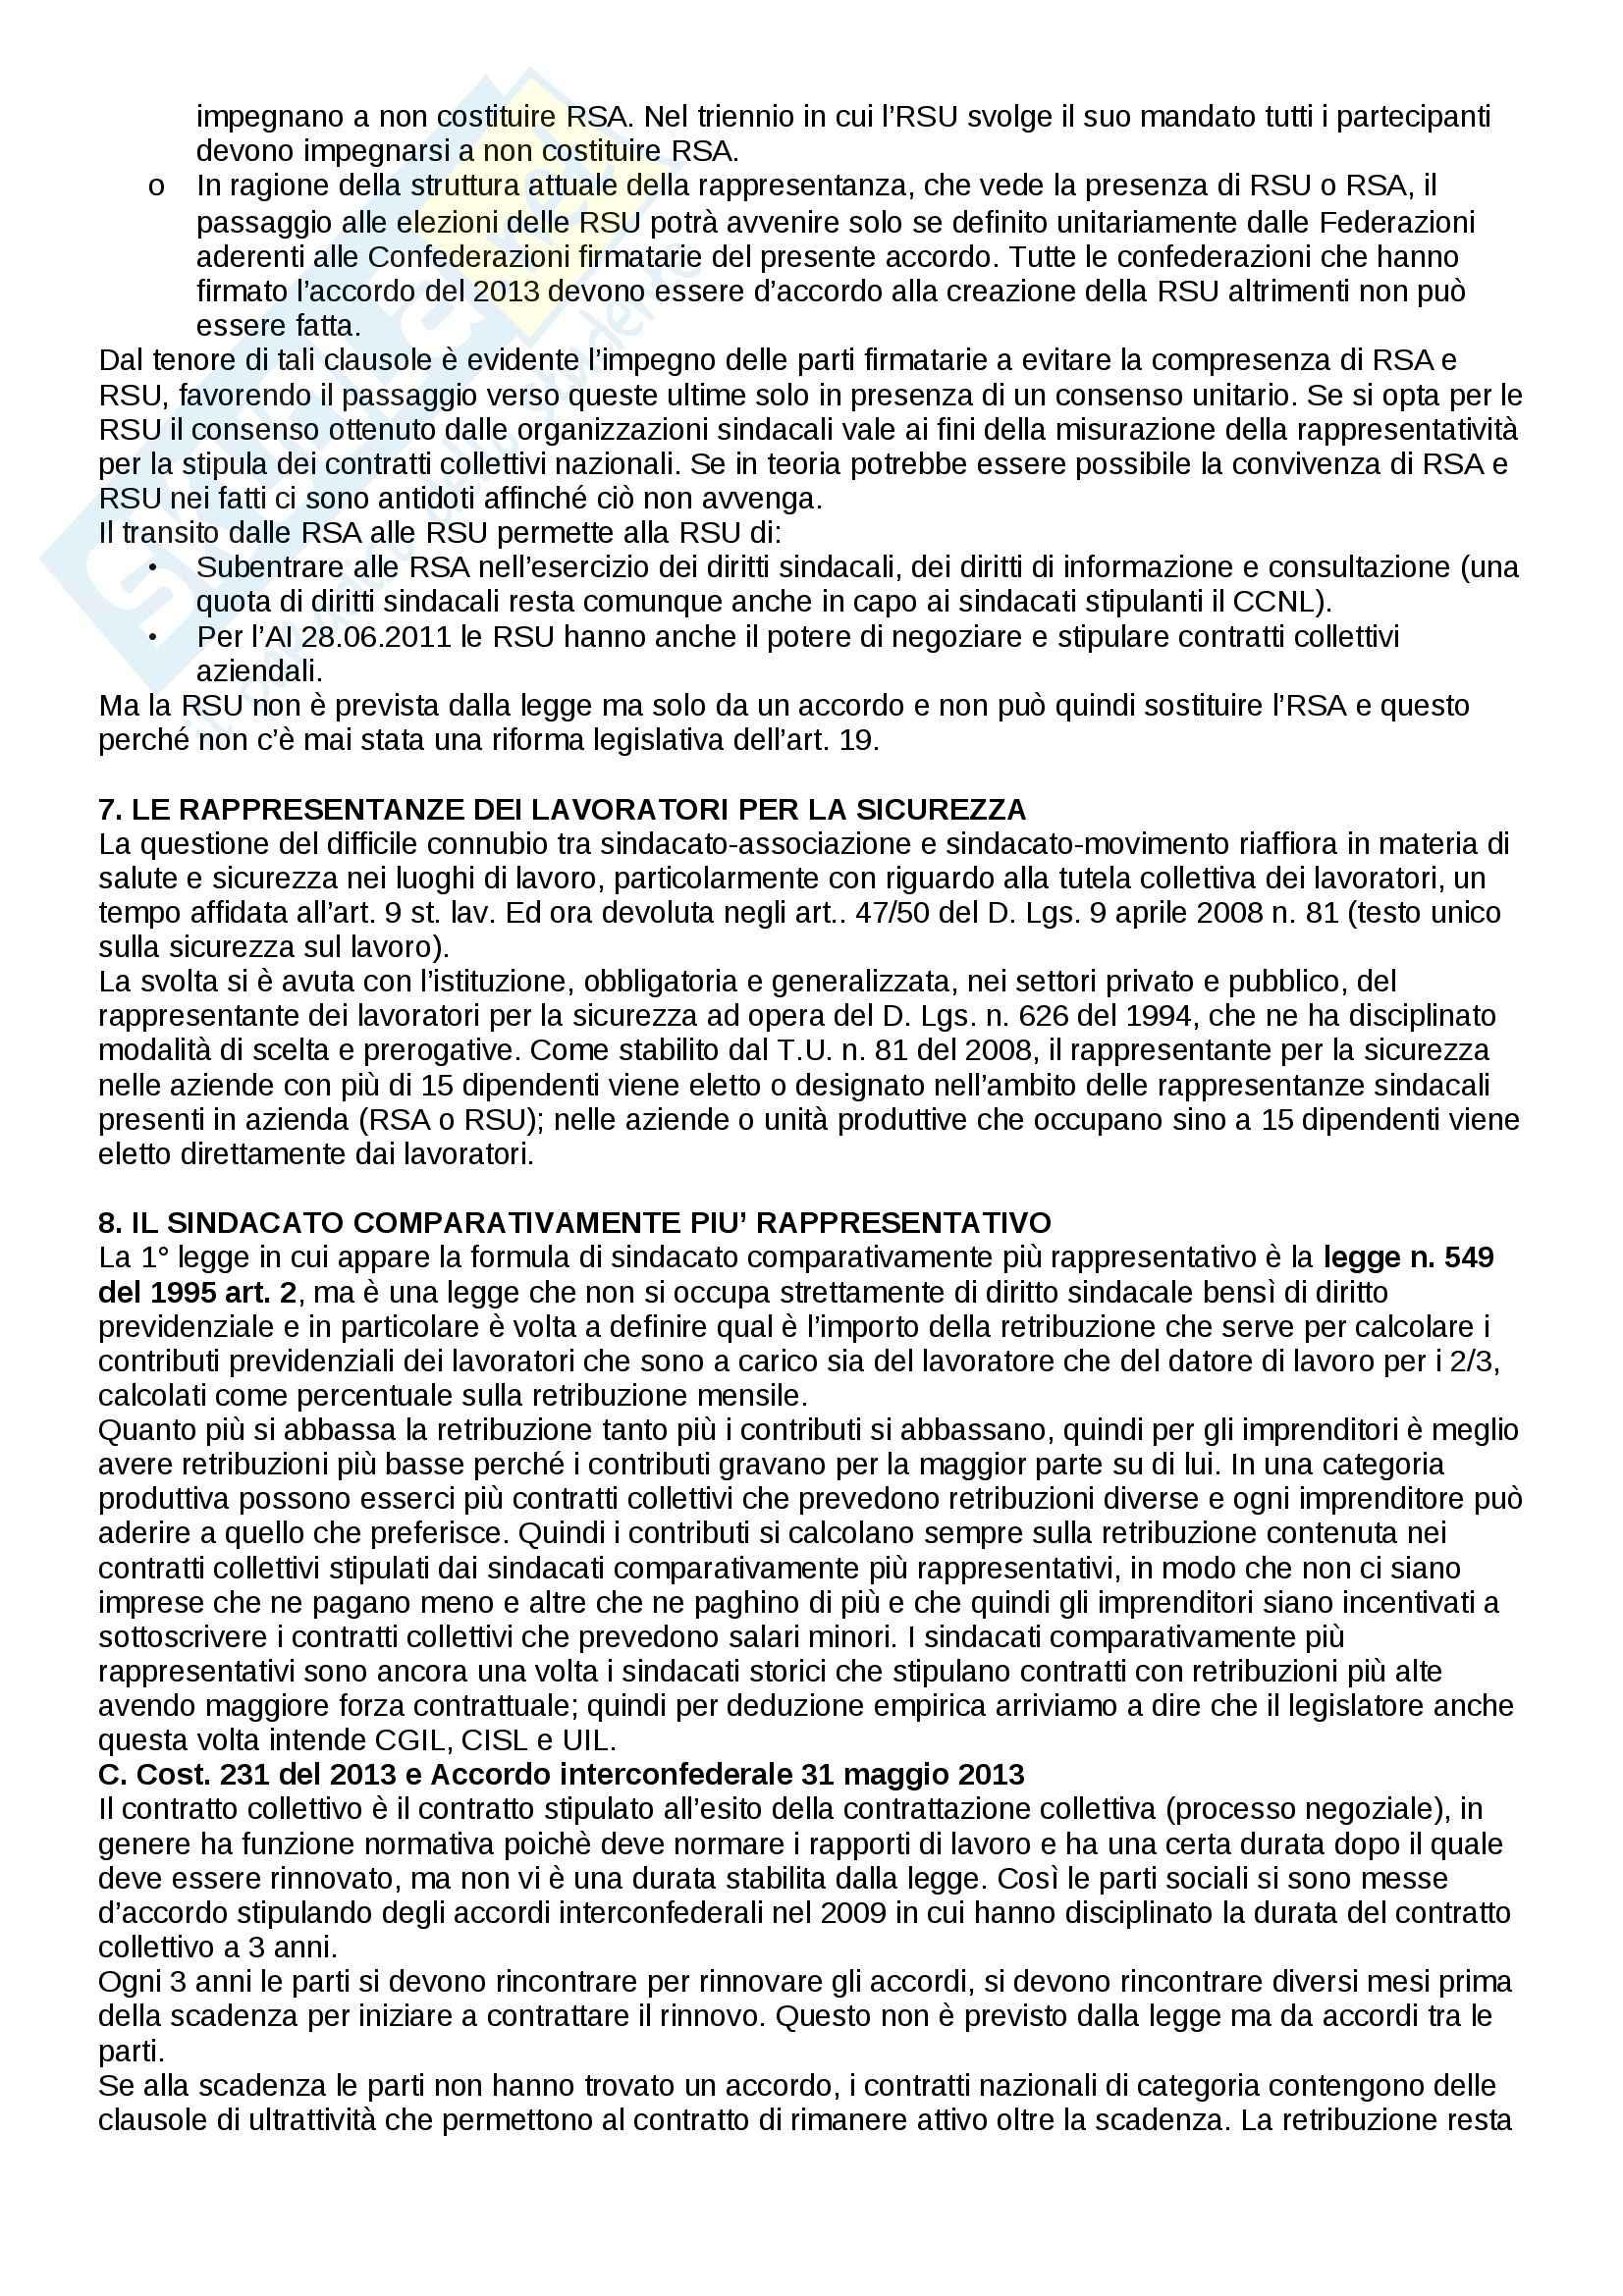 Riassunto esame Diritto del lavoro, prof. Paci, libro consigliato Il Diritto sindacale di carinci, De Luca, Tamajo, Tosi, Treu Pag. 16